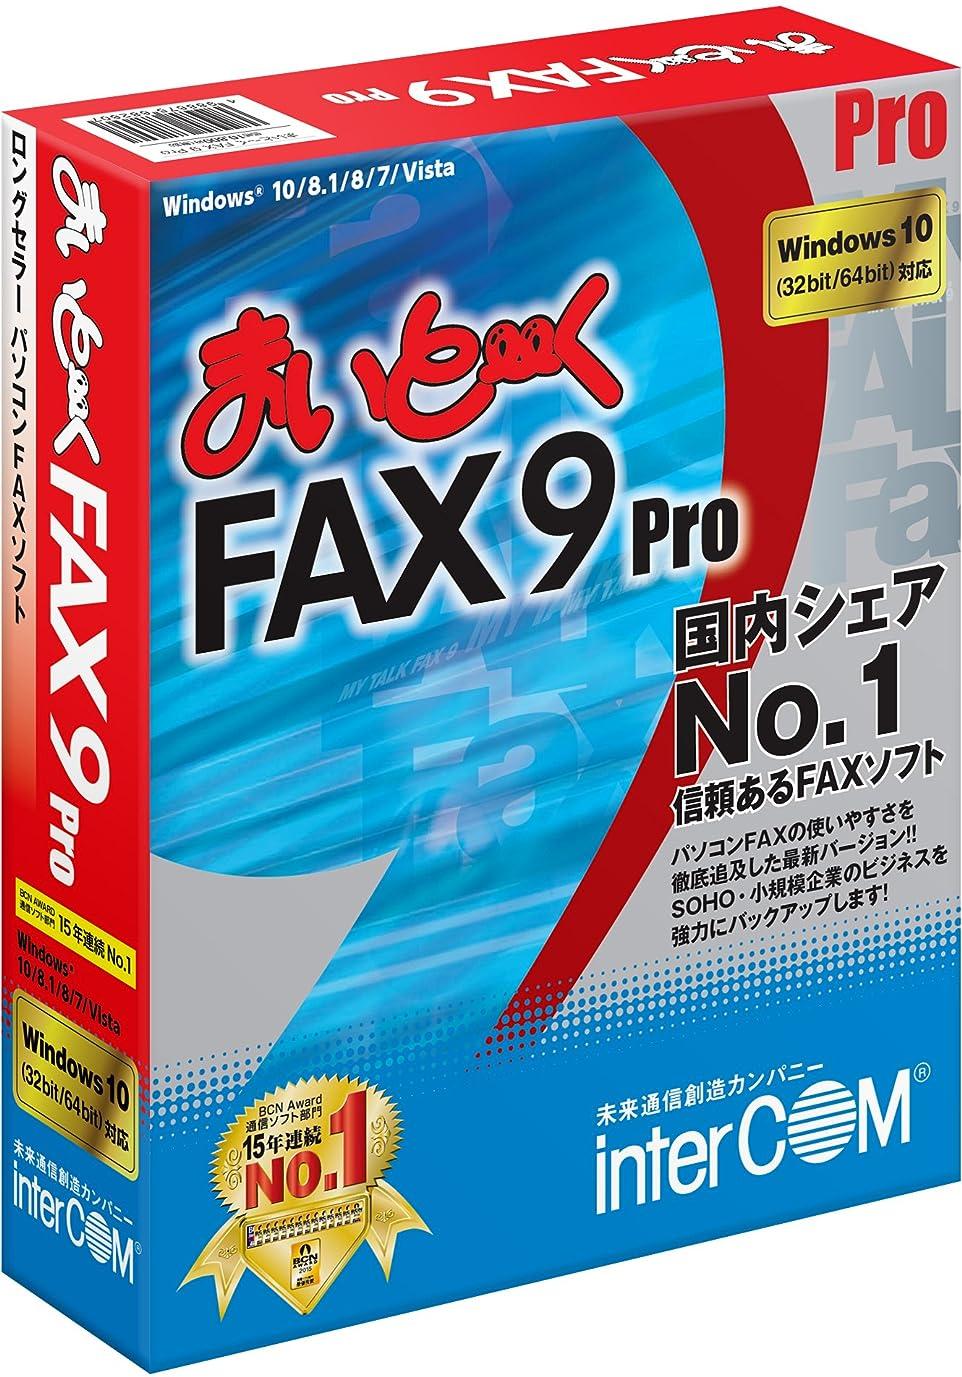 移動する辞任花まいと~く FAX 9 Pro